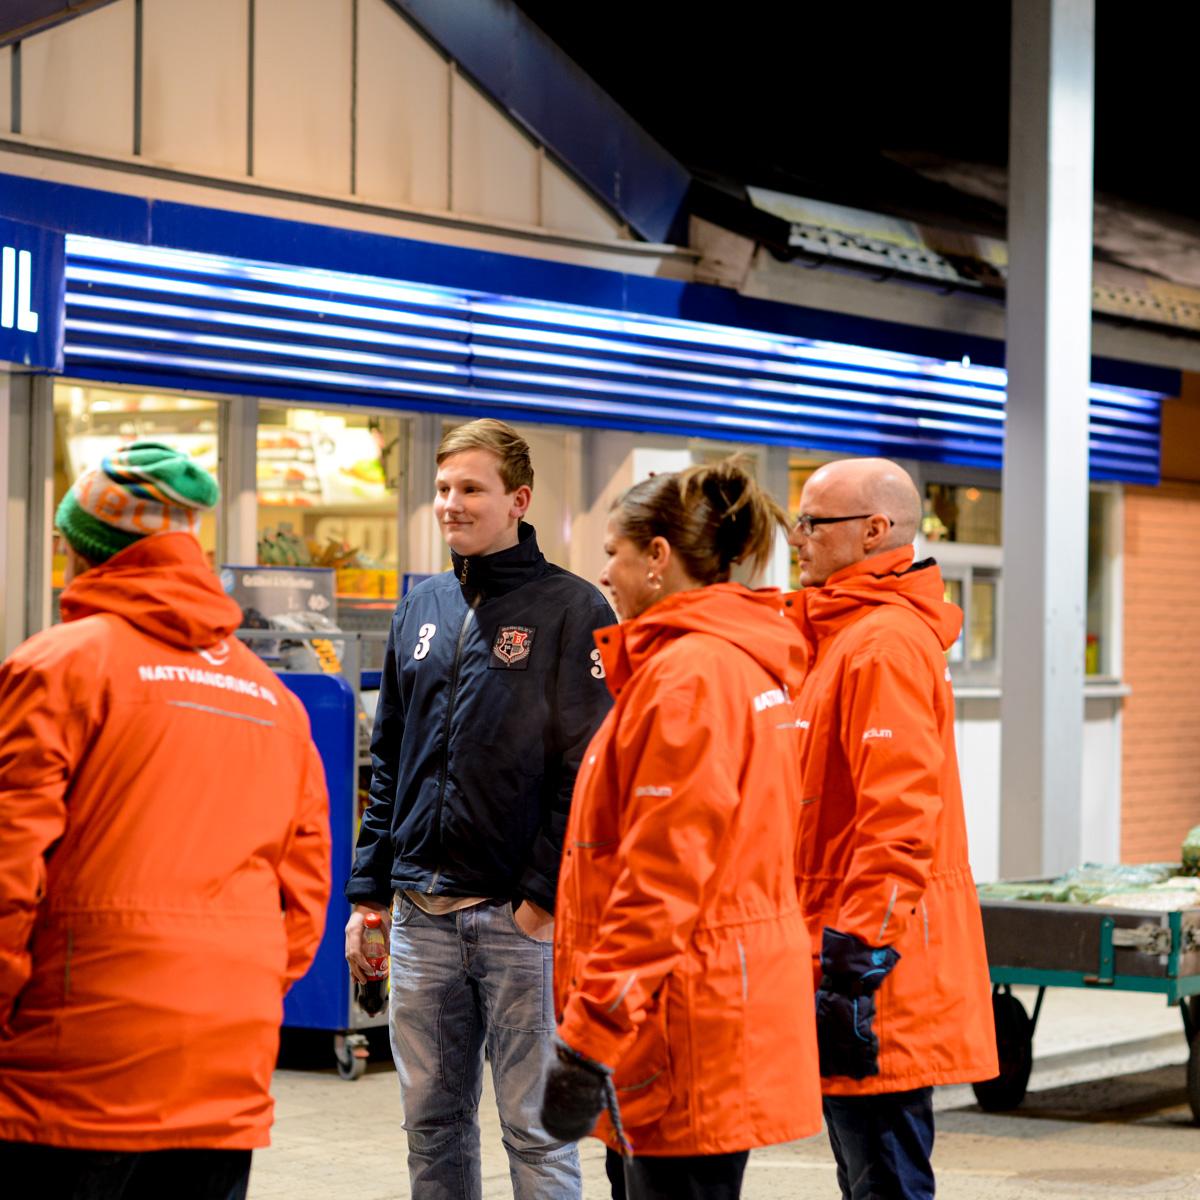 En grupp nattvandrare pratar med en ungdom.